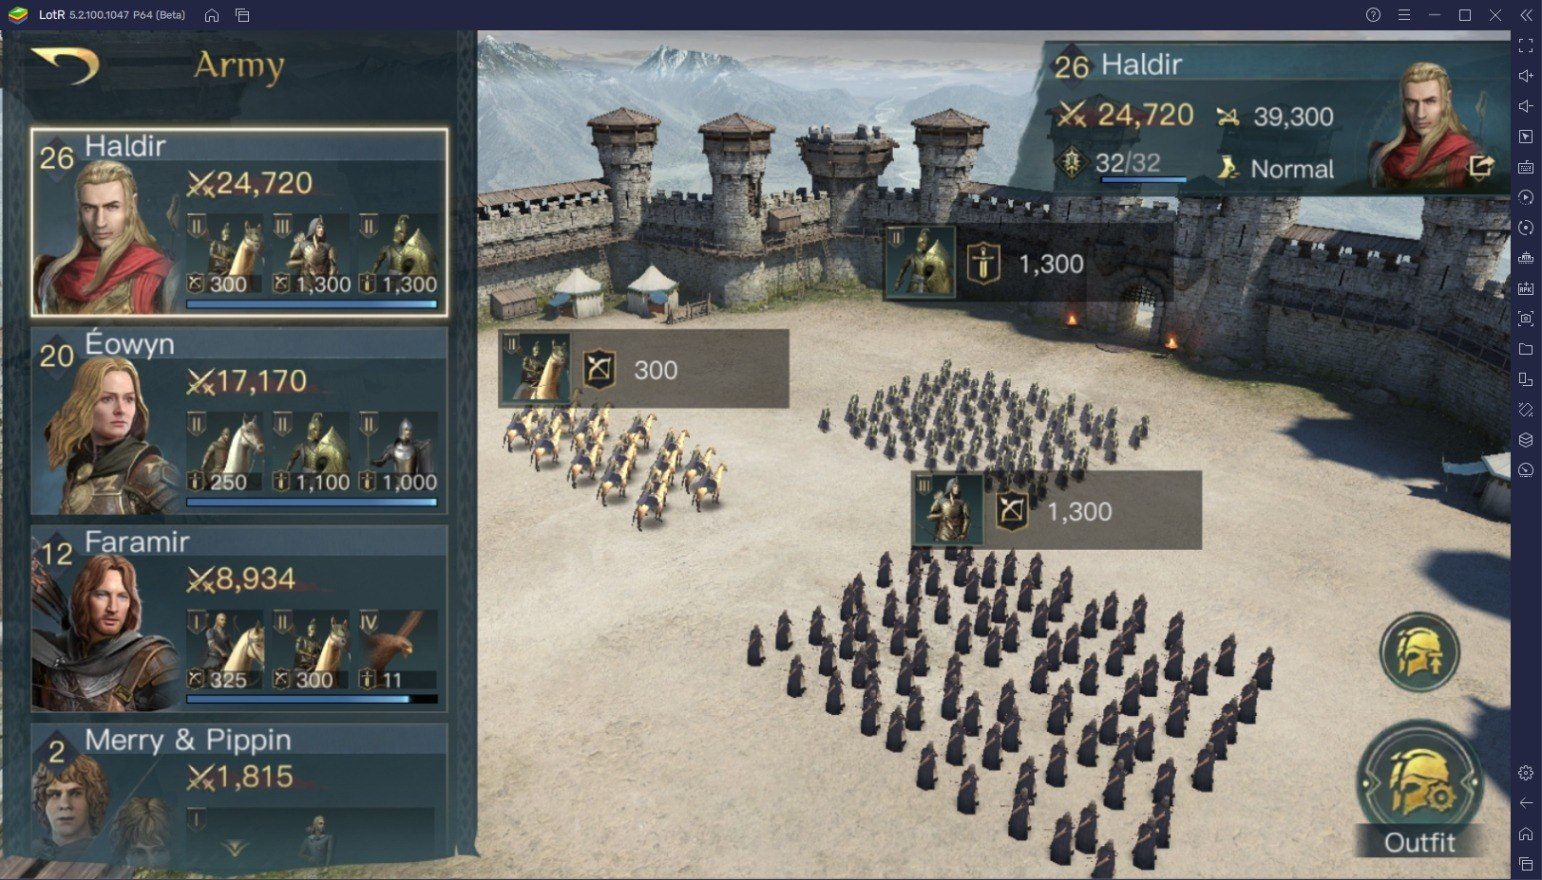 دليل BlueStacks للمبتدئين للعب لعبة The Lord of the Rings: War